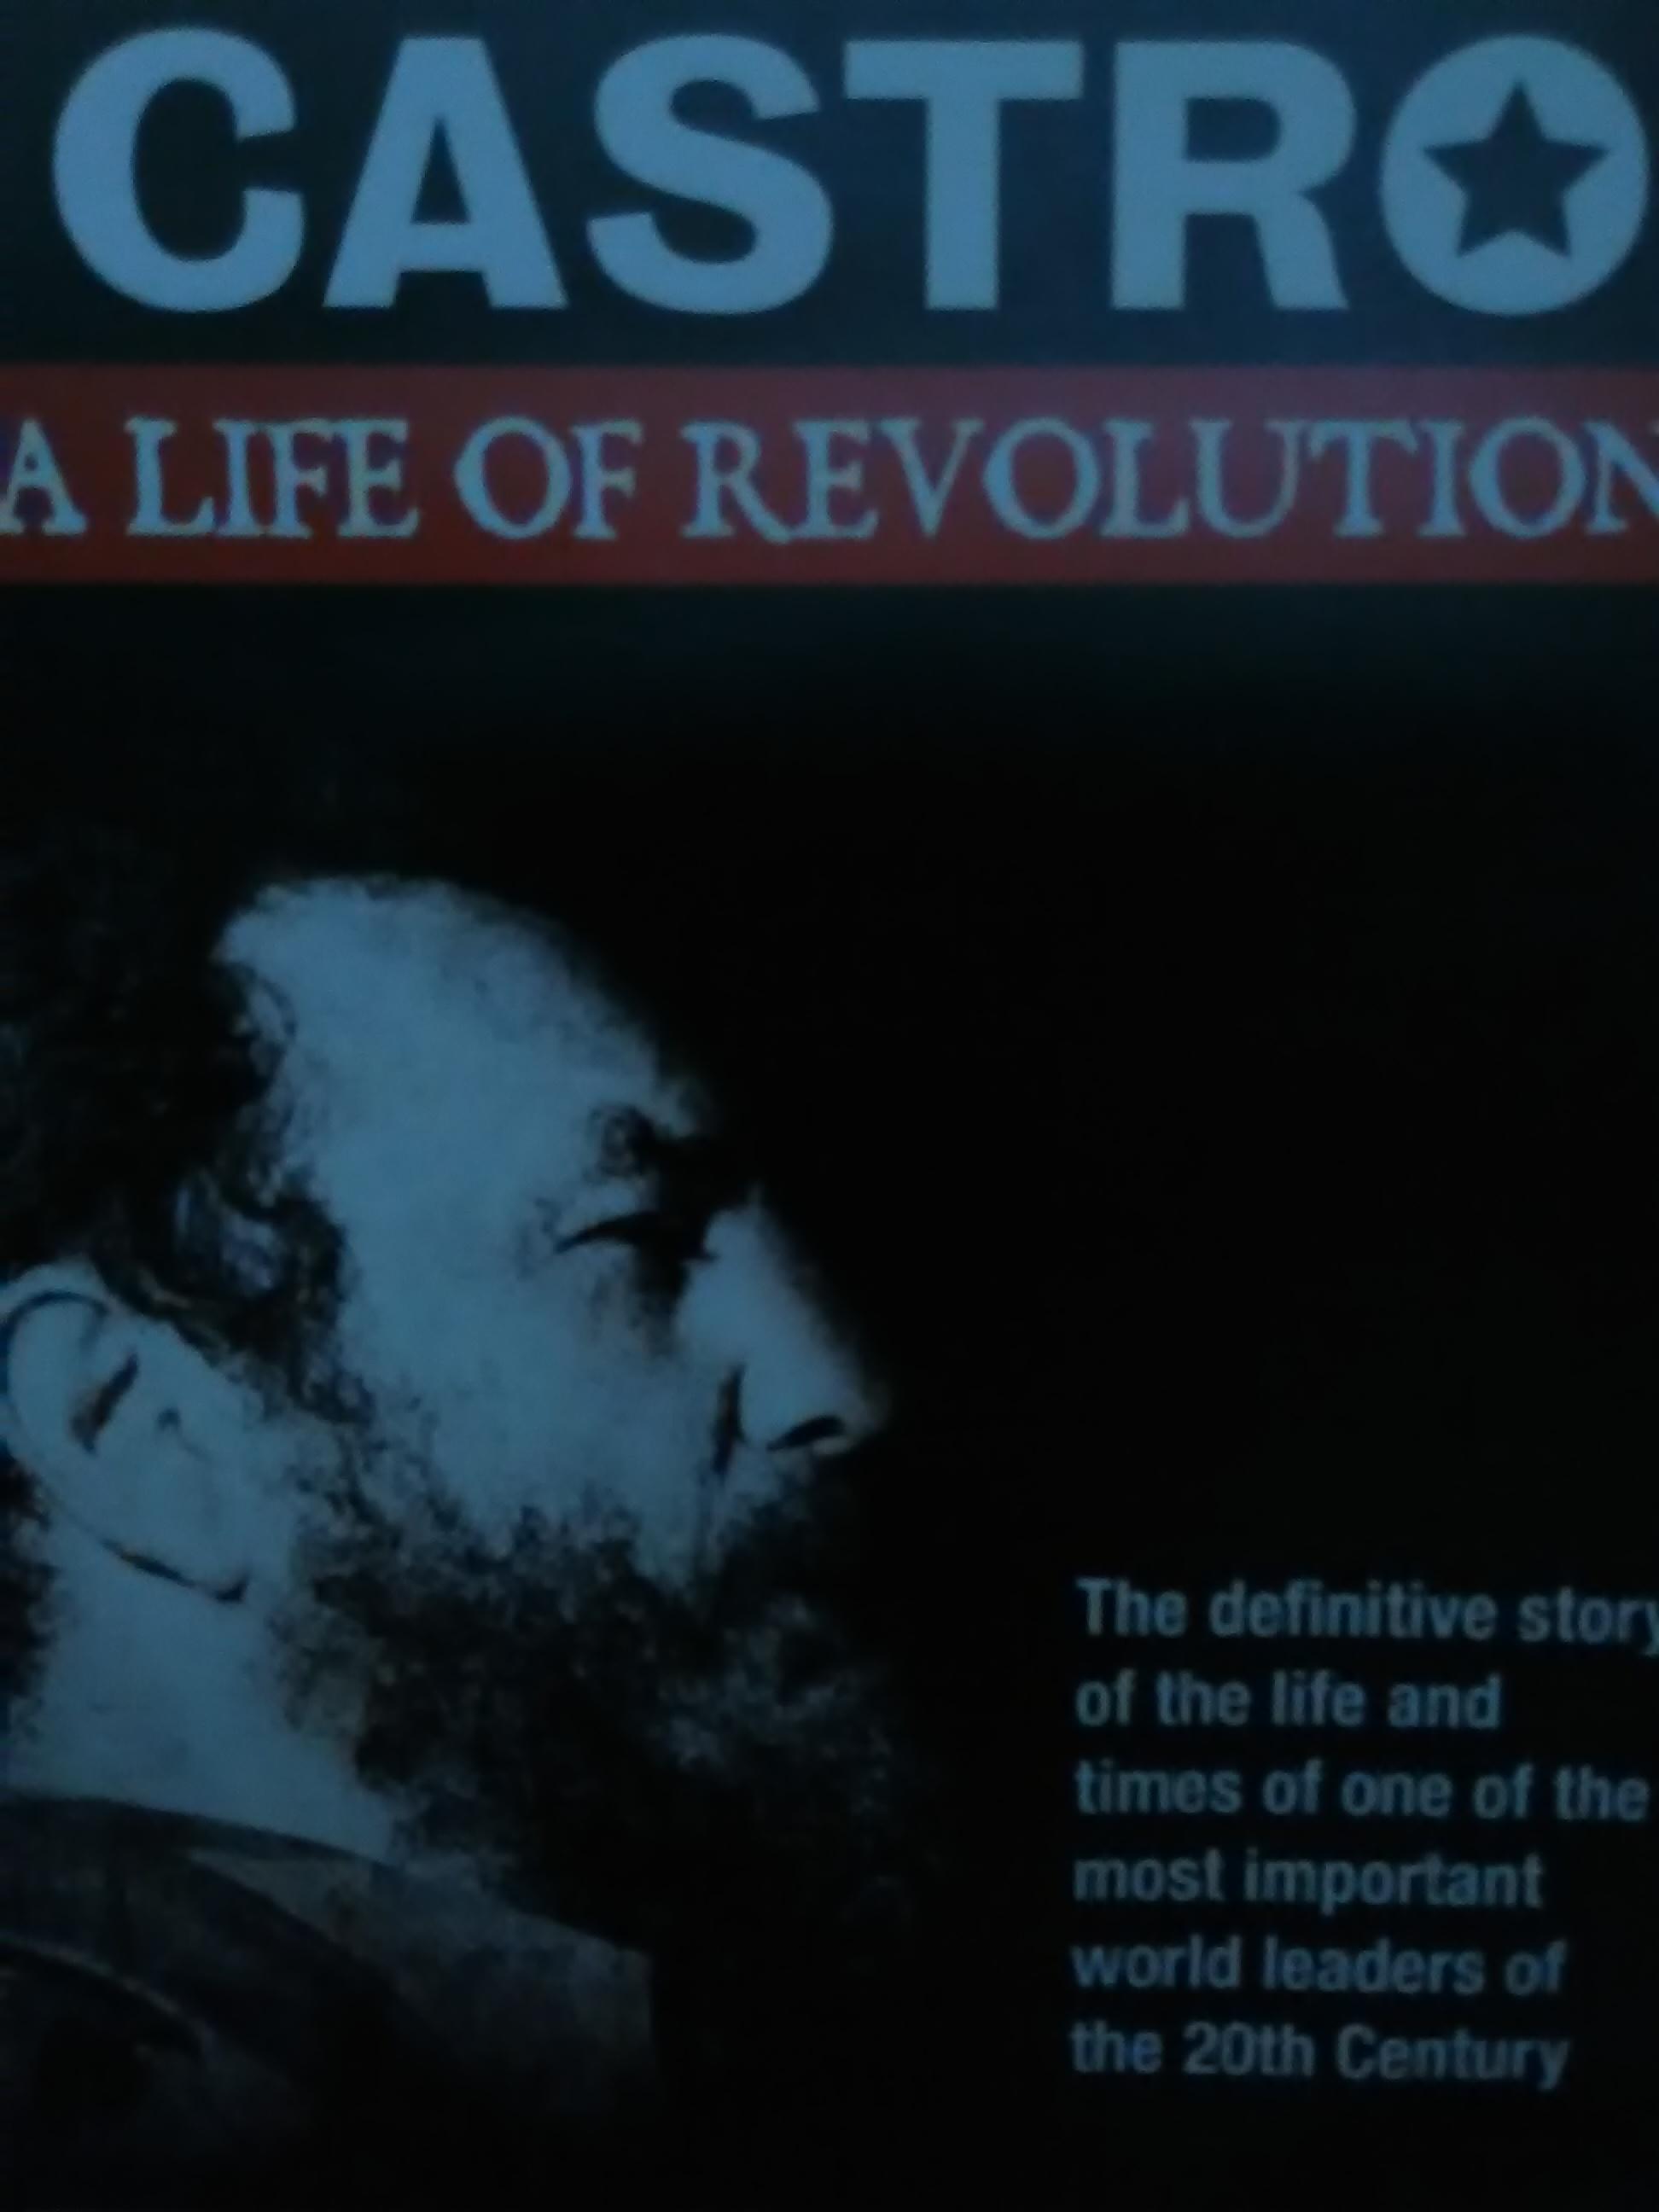 دانلود زیرنویس فارسی فیلم Fidel Castro: A Life of Revolution